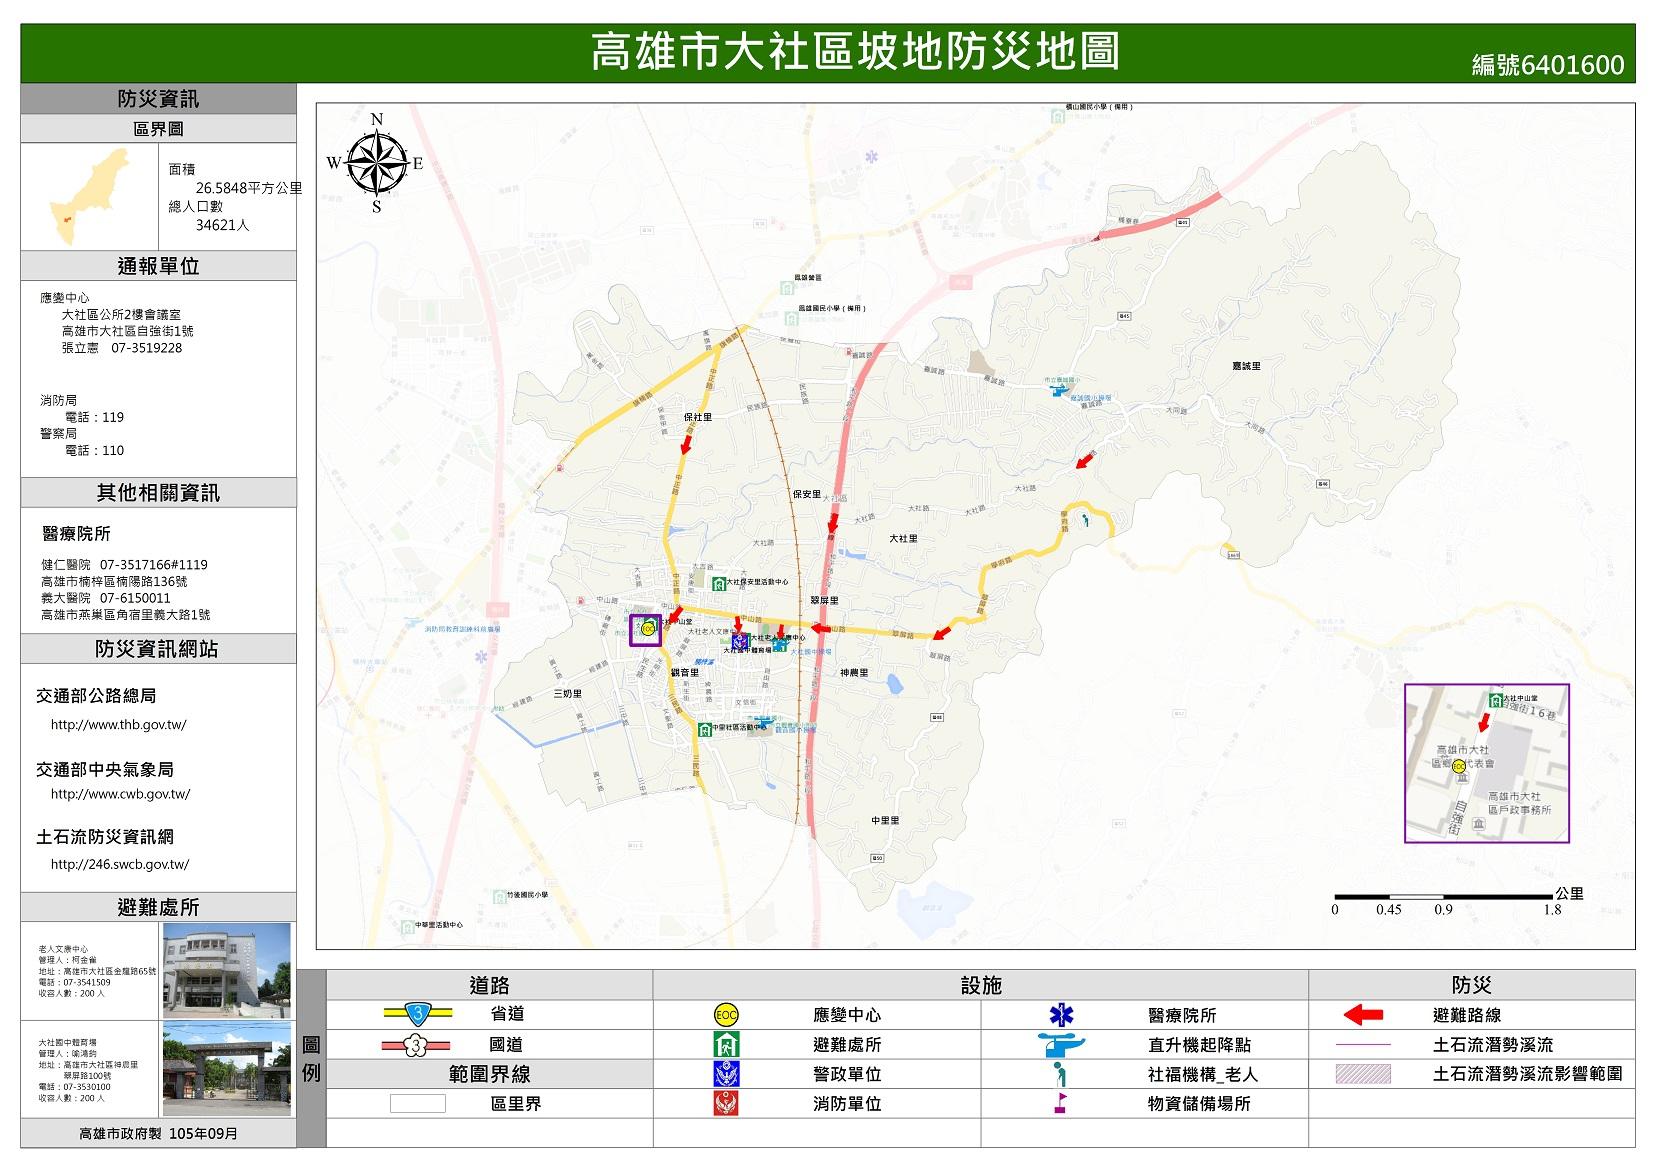 高雄市大社區坡地防災地圖